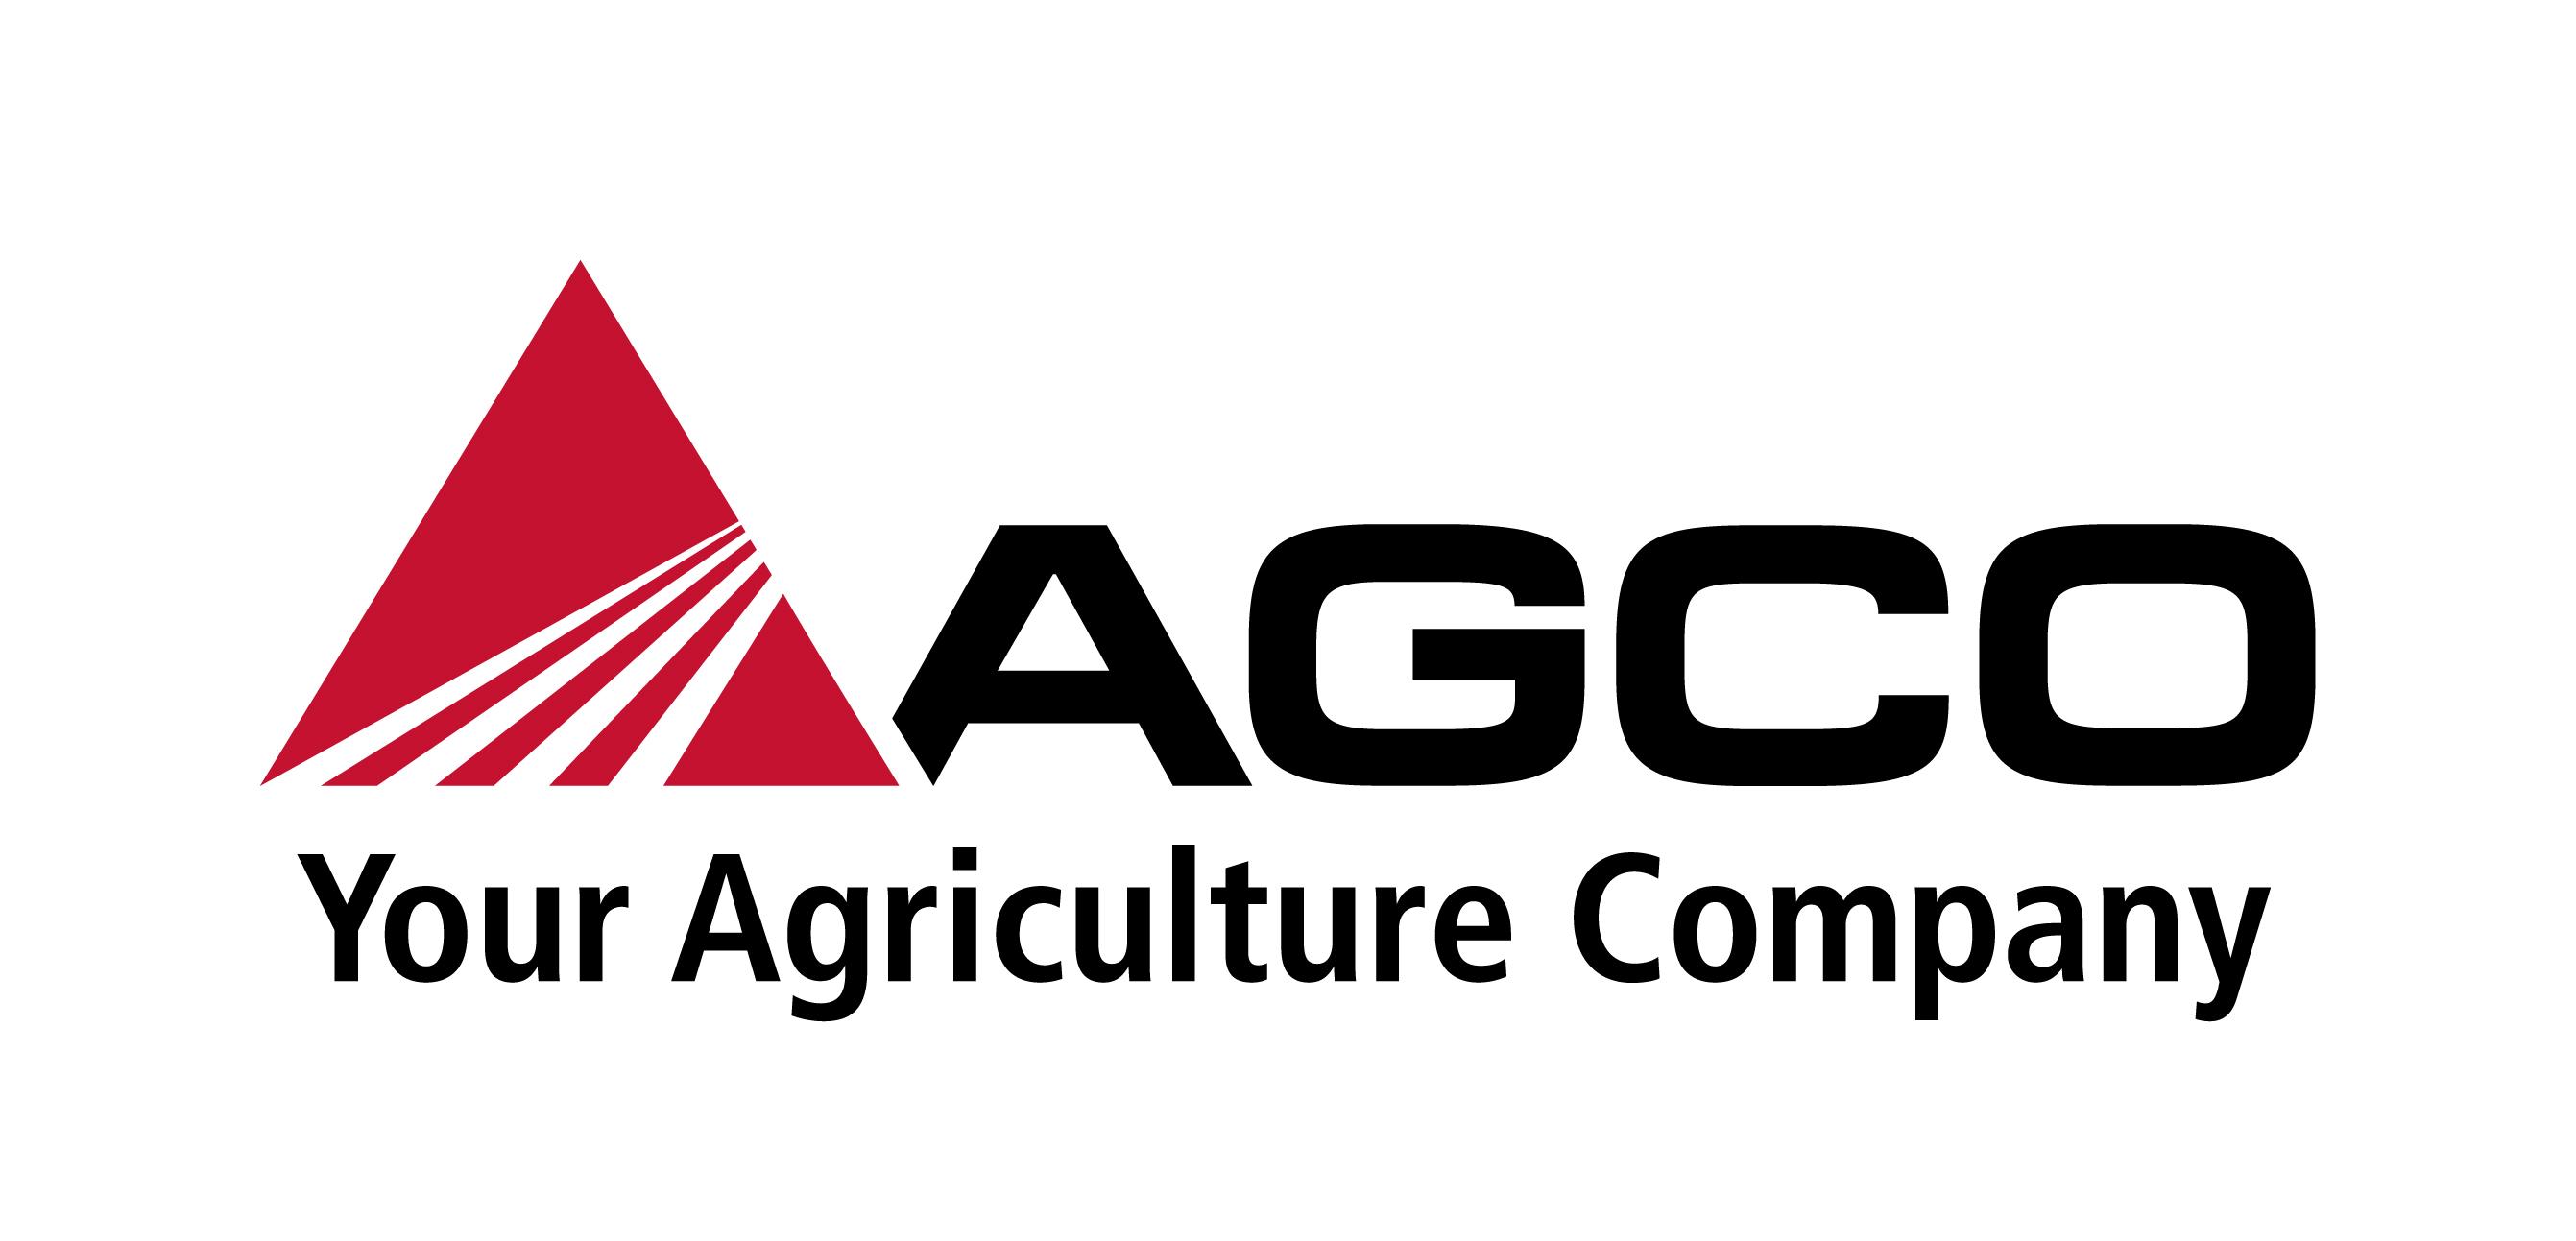 agco_logodescriptor_2c_72741